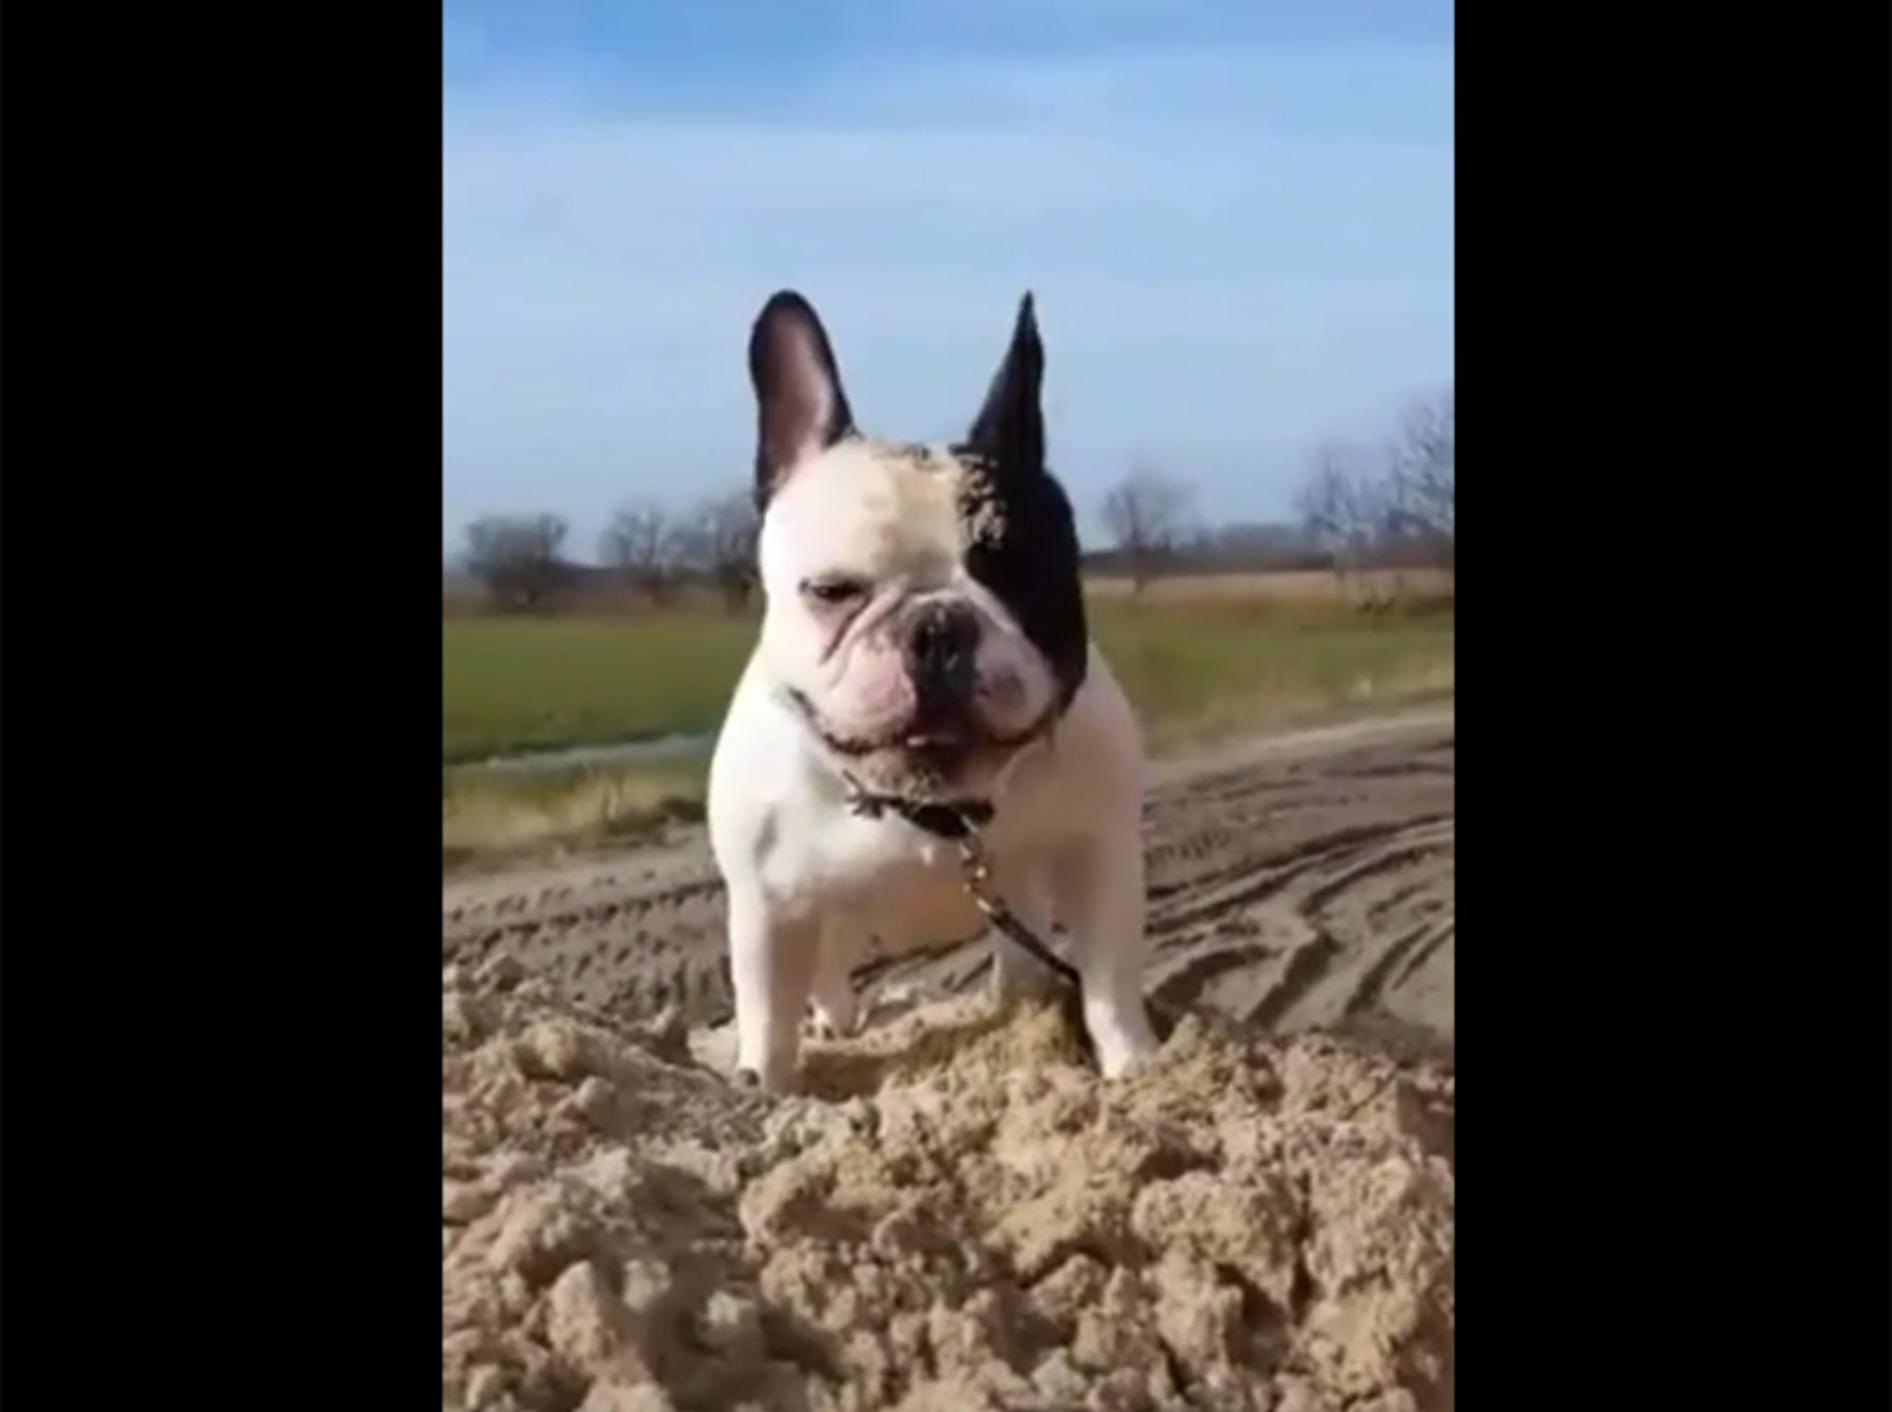 Französische Bulldogge Carlos spielt im Sandhaufen – YouTube / Rumble Viral